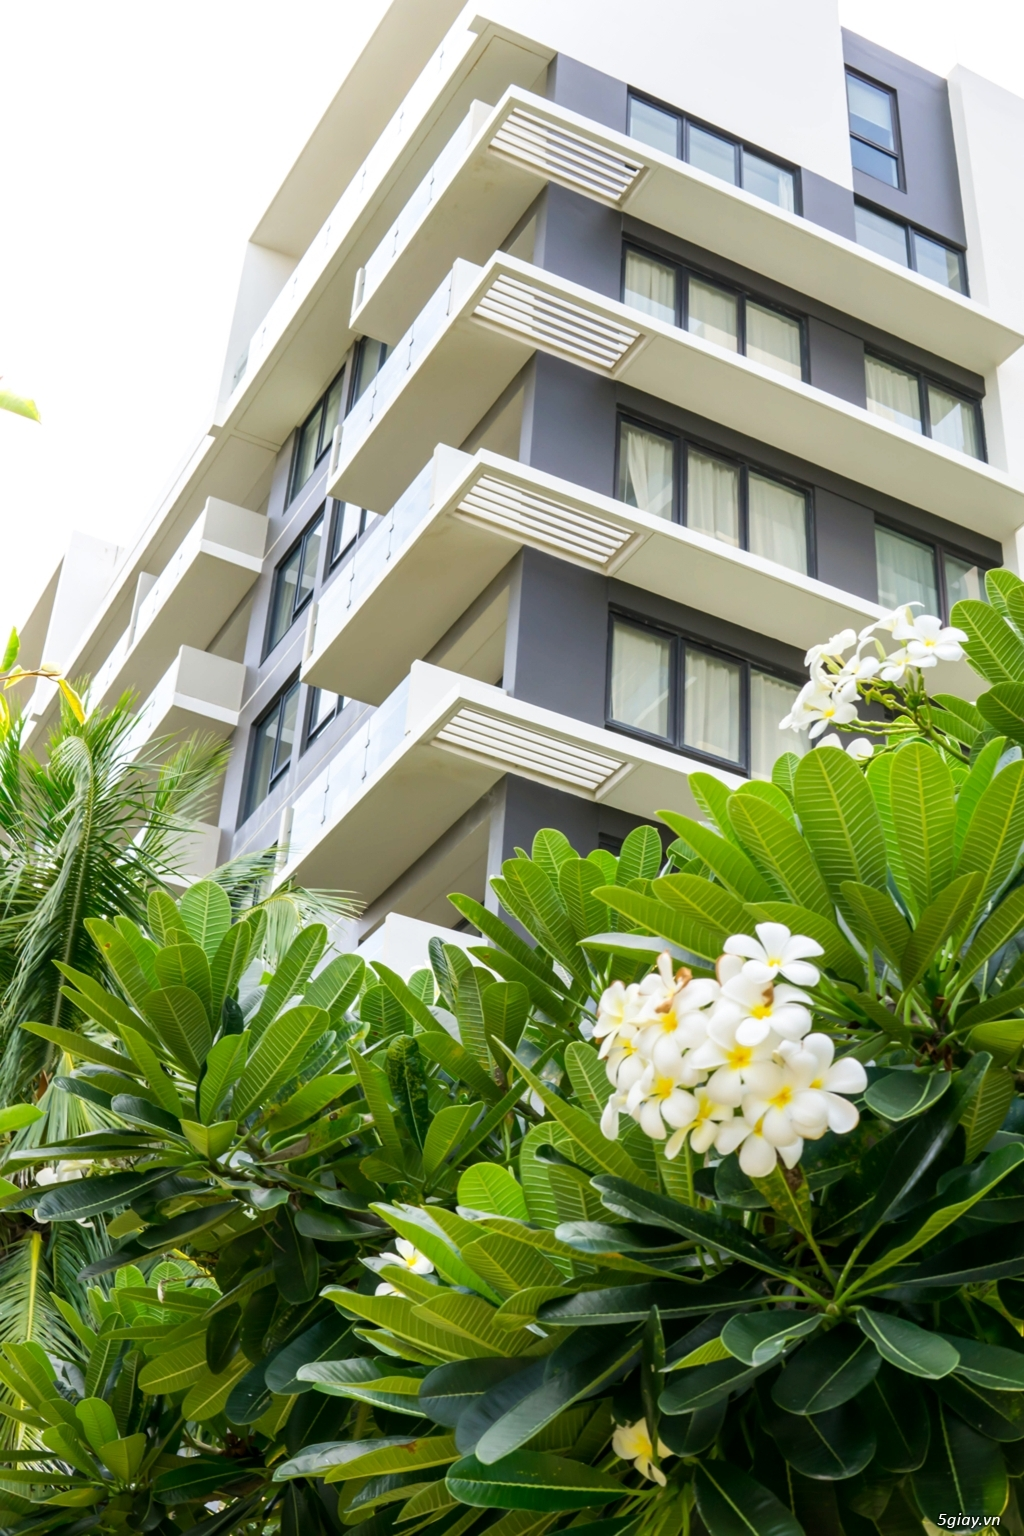 Cần bán gấp căn hộ nghỉ dưỡng cao cấp 1 phòng ngủ thuộc Hyatt Đà Nẵng - 1